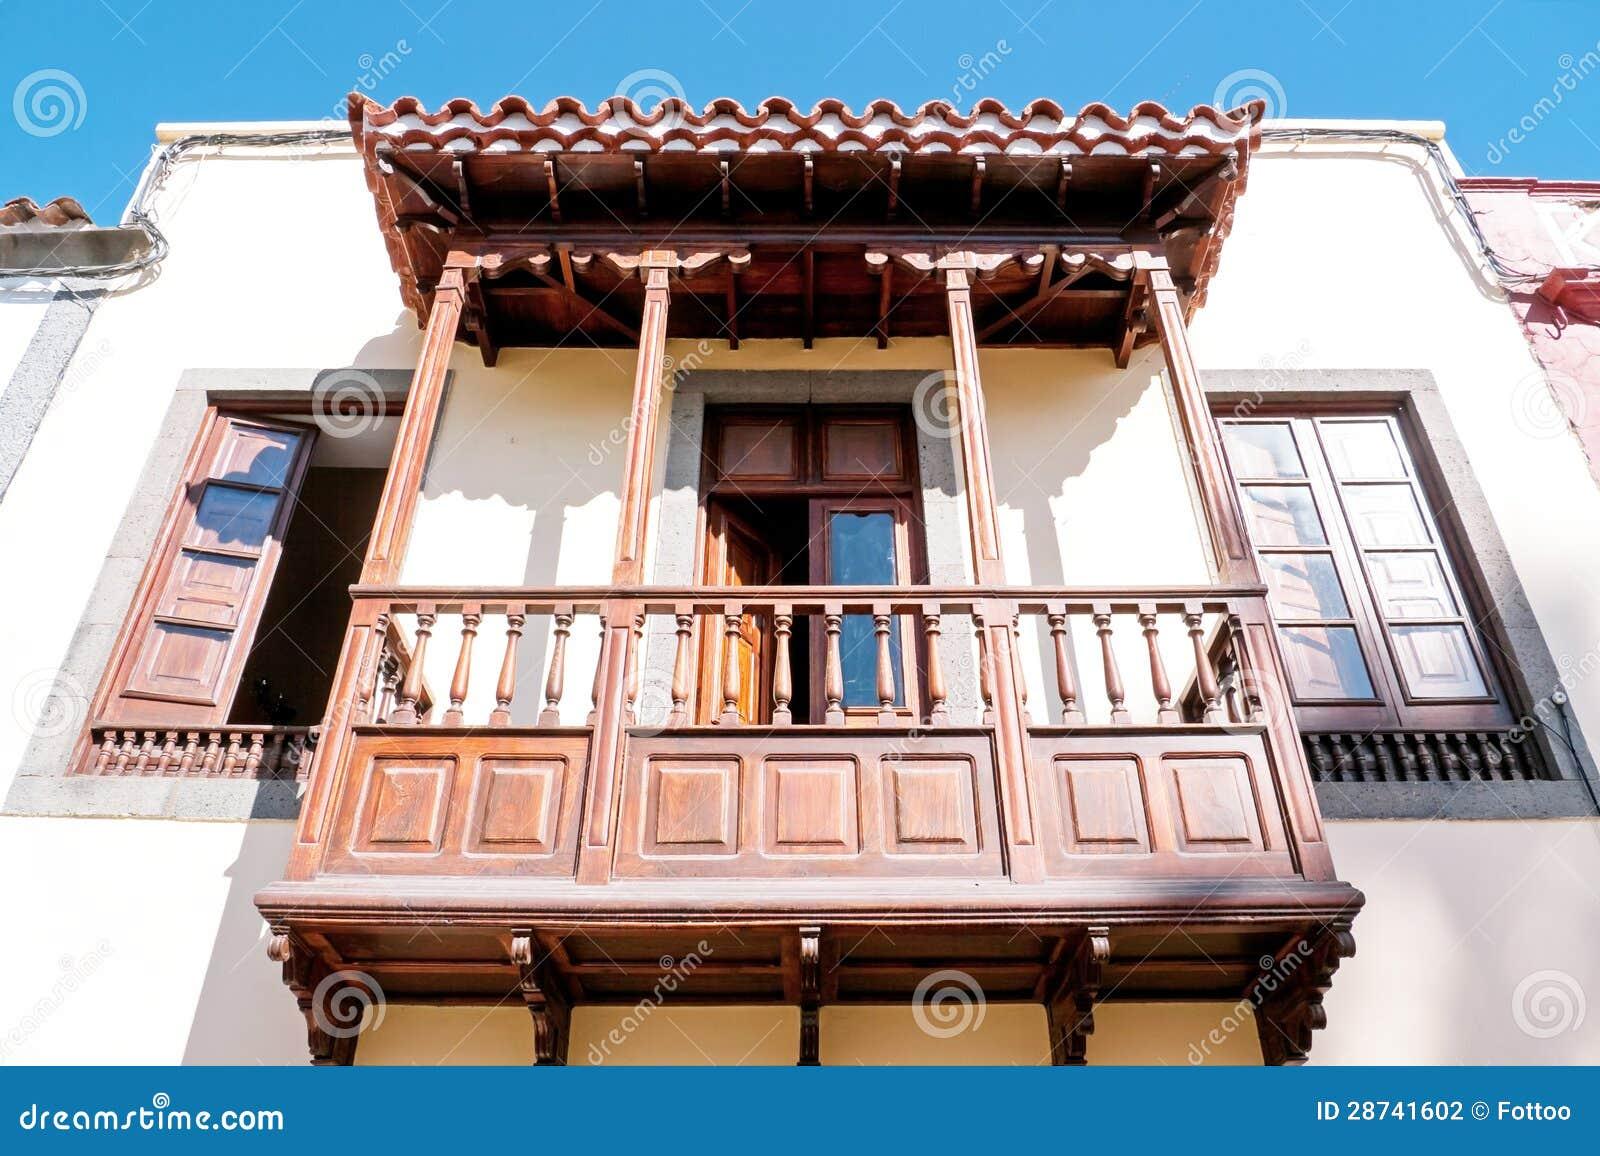 Drewniany balkon zdj cie stock obraz z o onej z kultura 28741602 - Balcones de madera ...